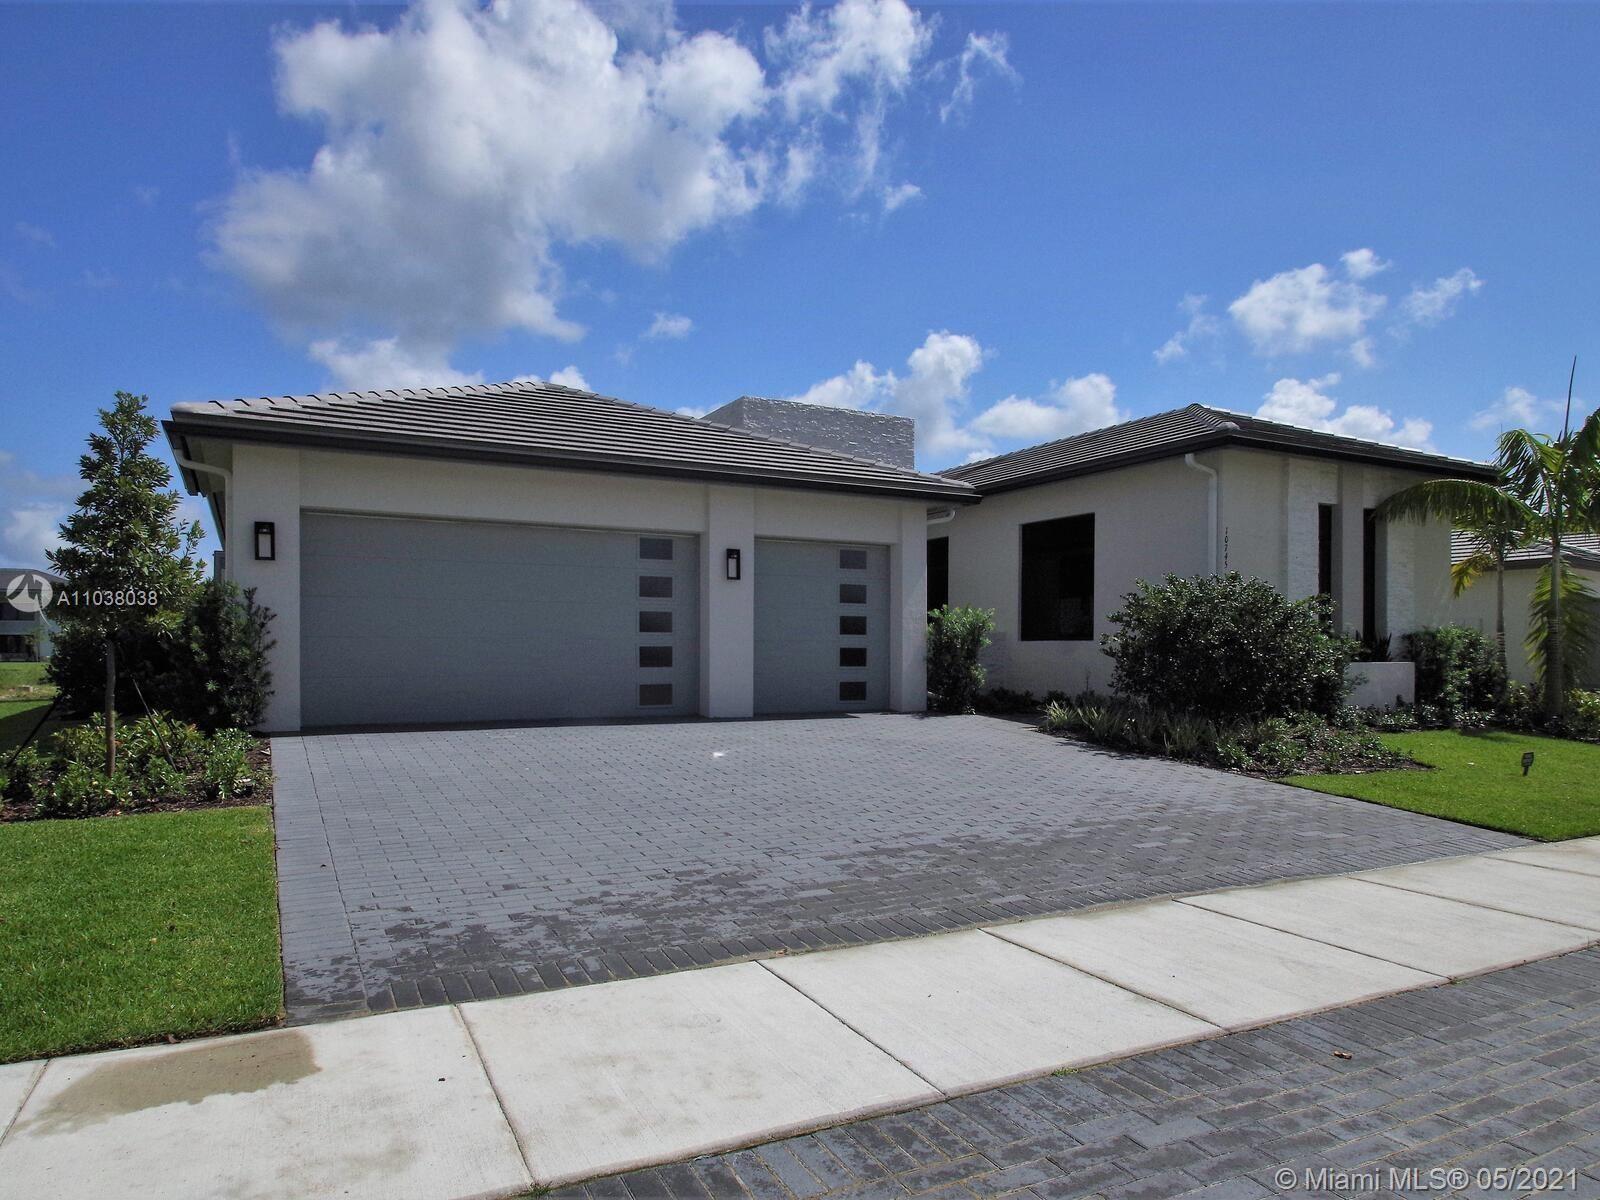 10745 Estuary Dr, Parkland, FL 33076 - #: A11038038